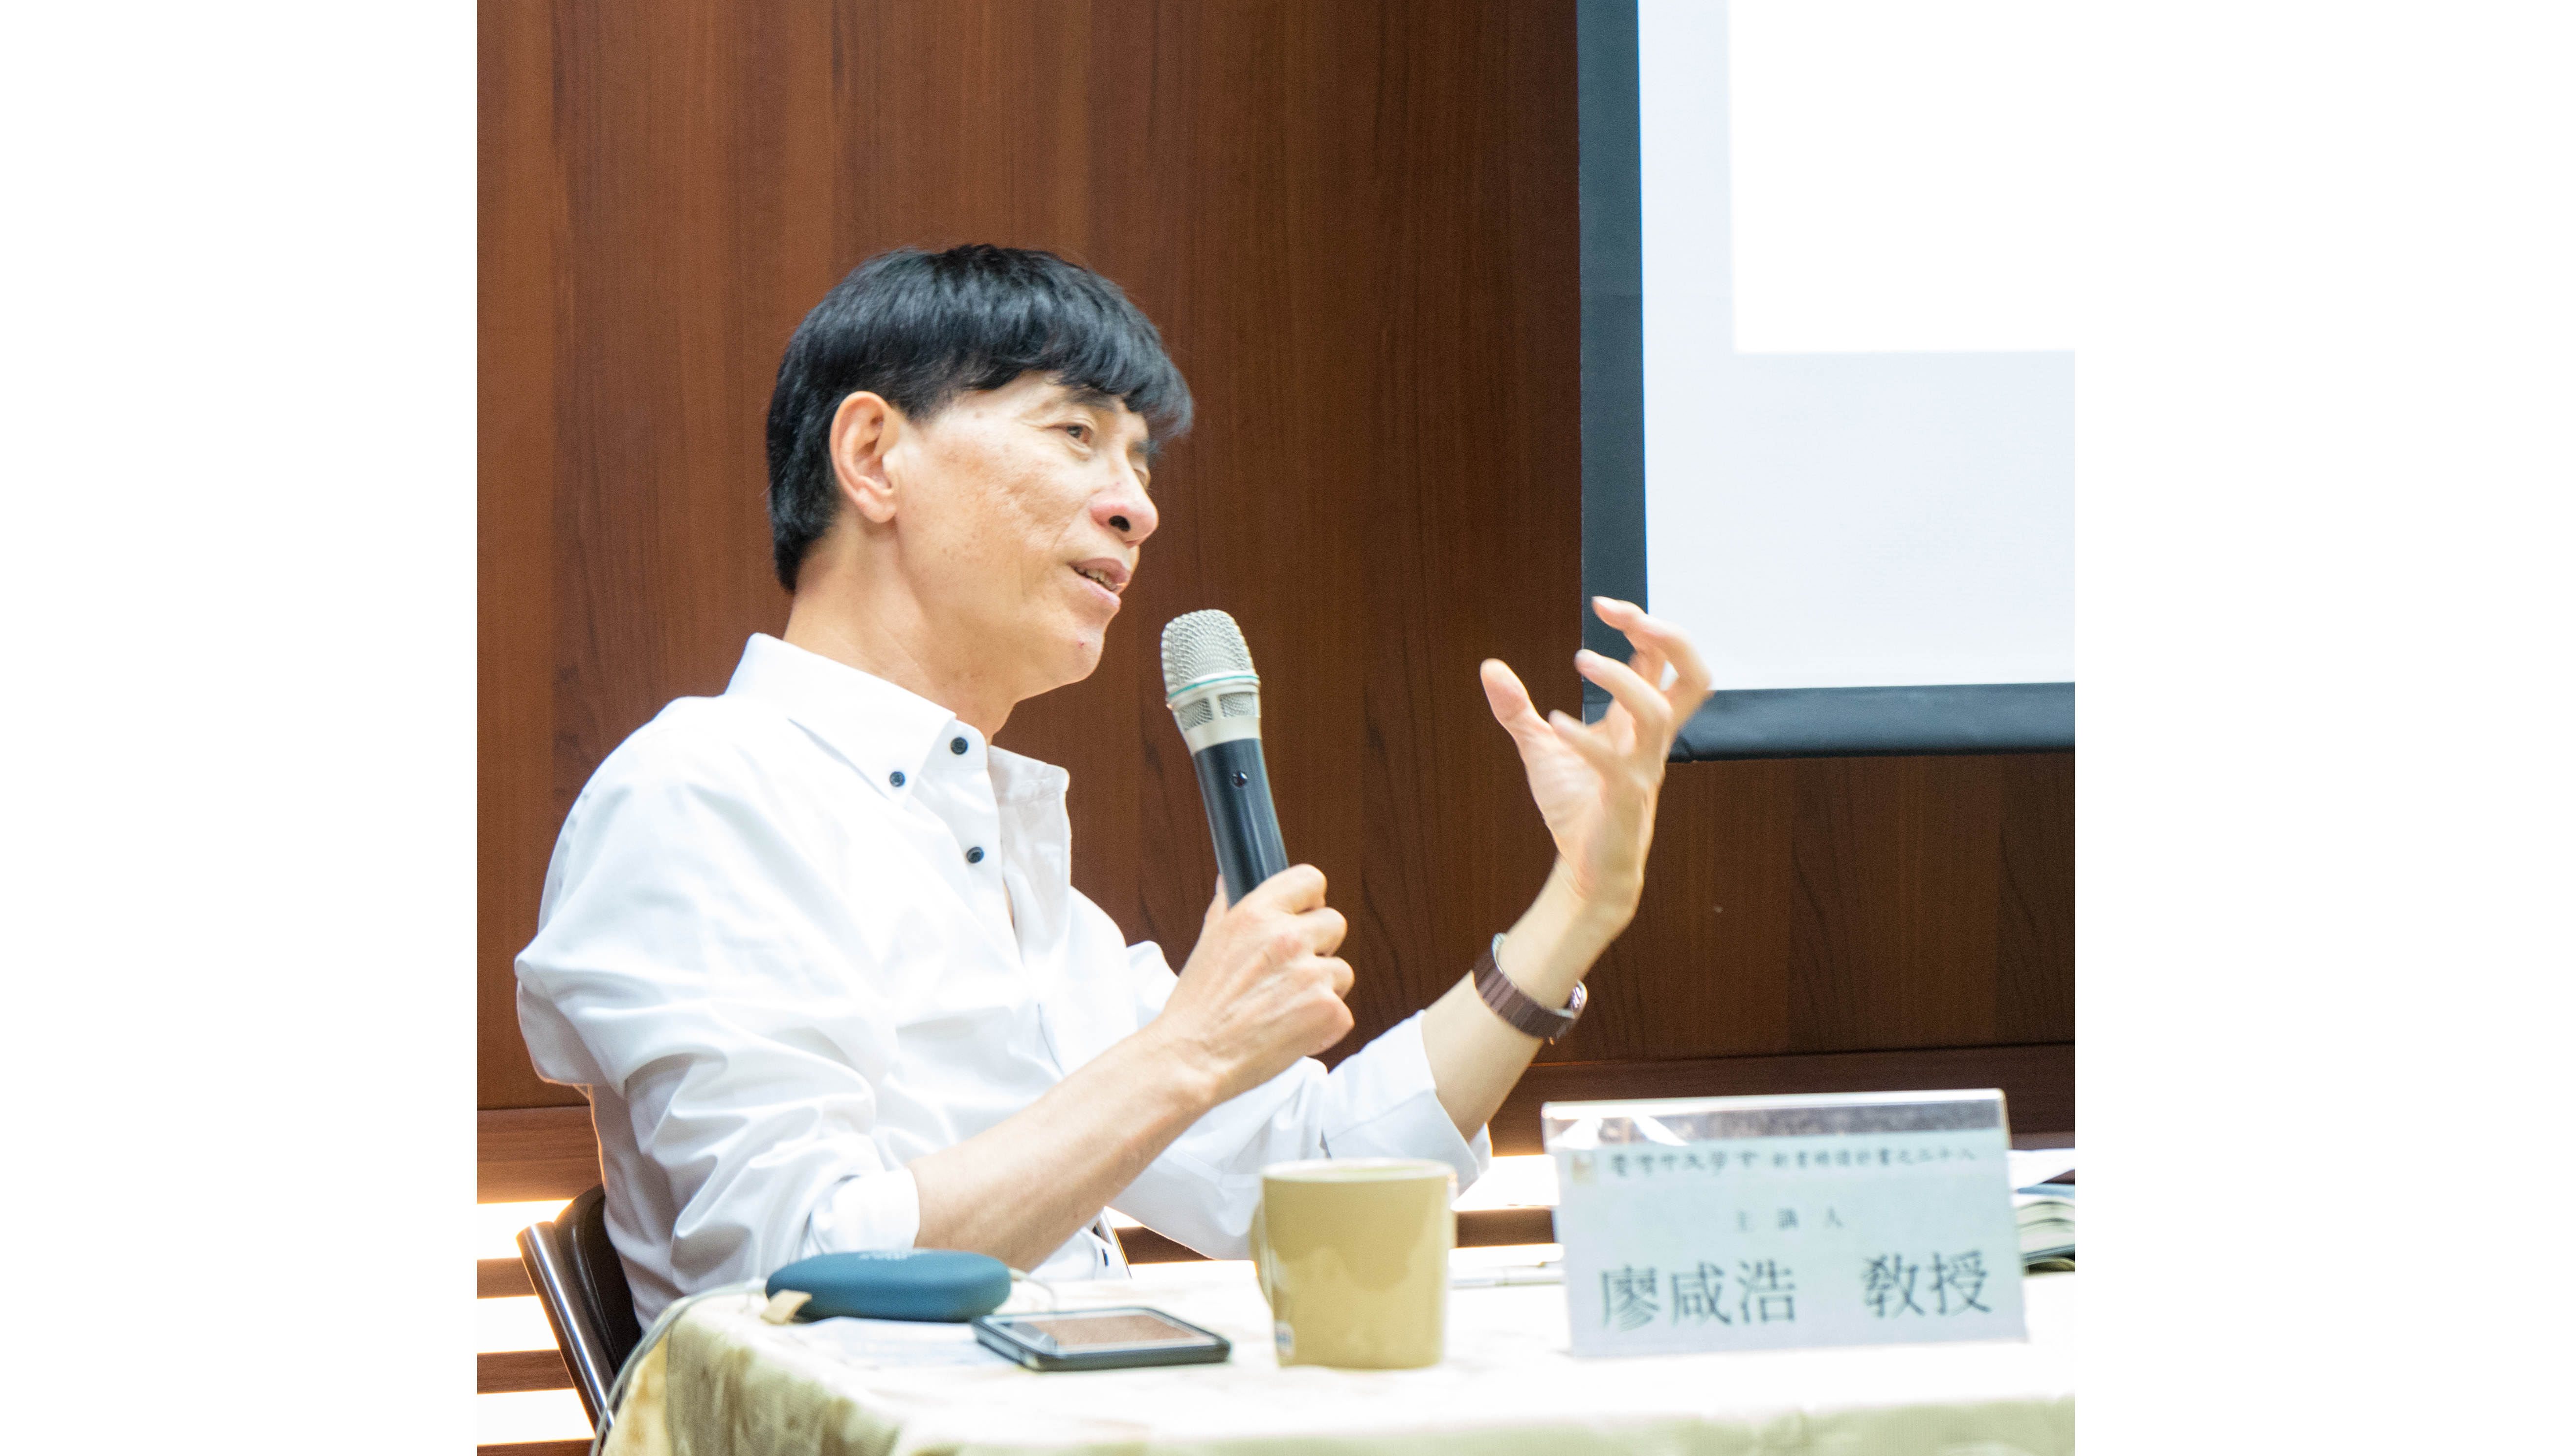 廖咸浩教授《紅樓夢的補天之恨:國族寓言與遺民情懷》新書精讀會紀要